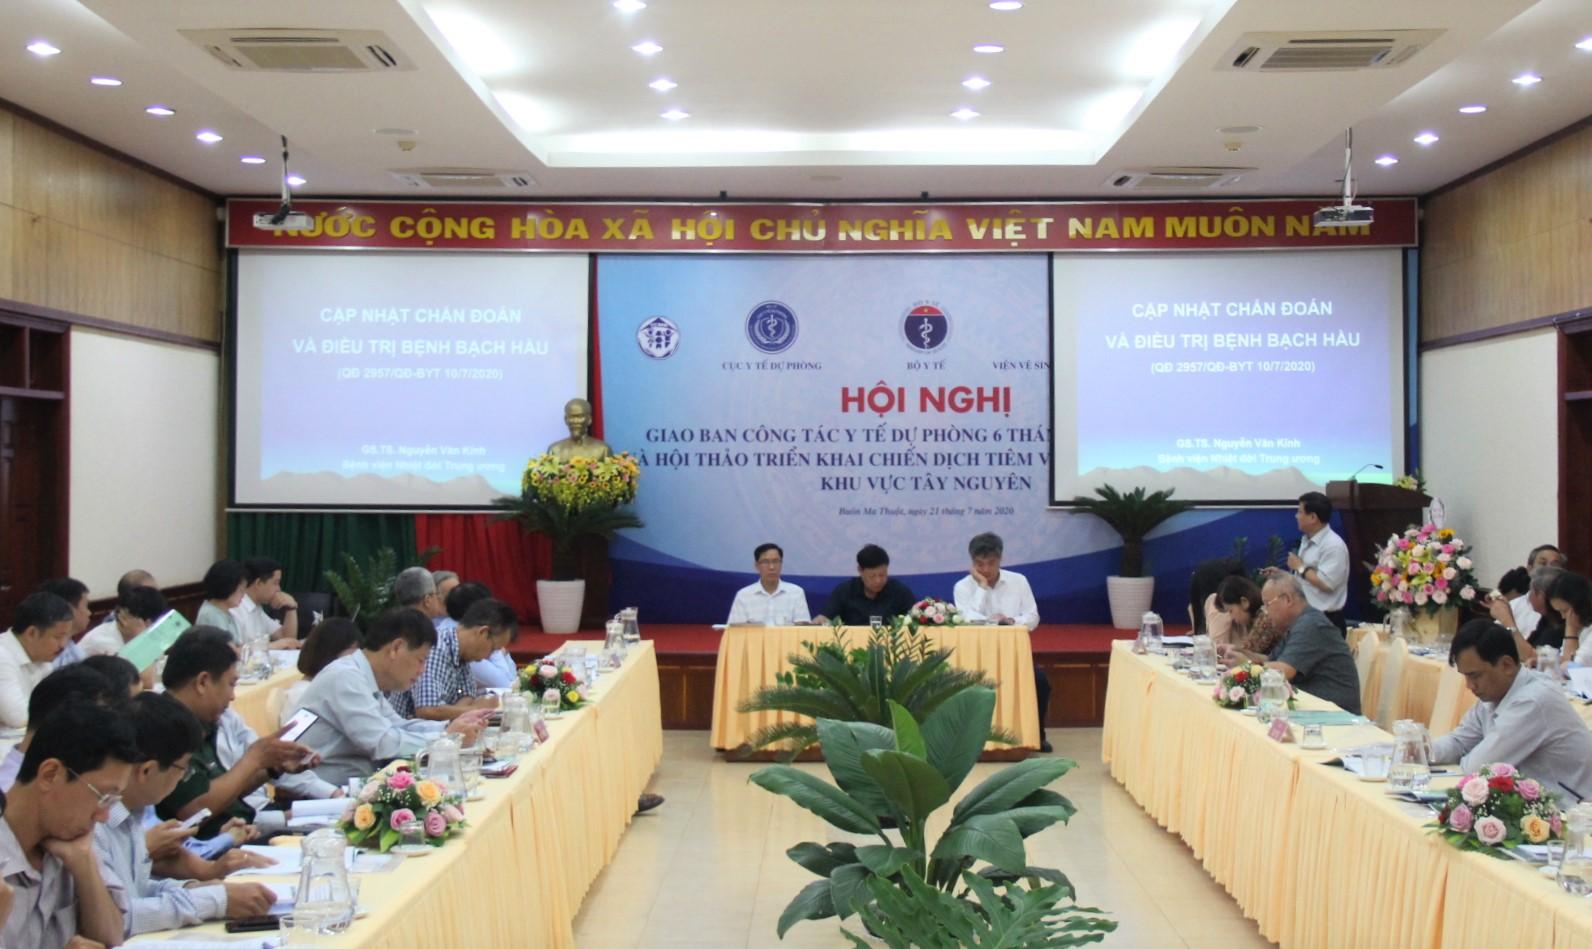 Giao ban công tác y tế dự phòng khu vực Tây Nguyên 6 tháng đầu năm 2020